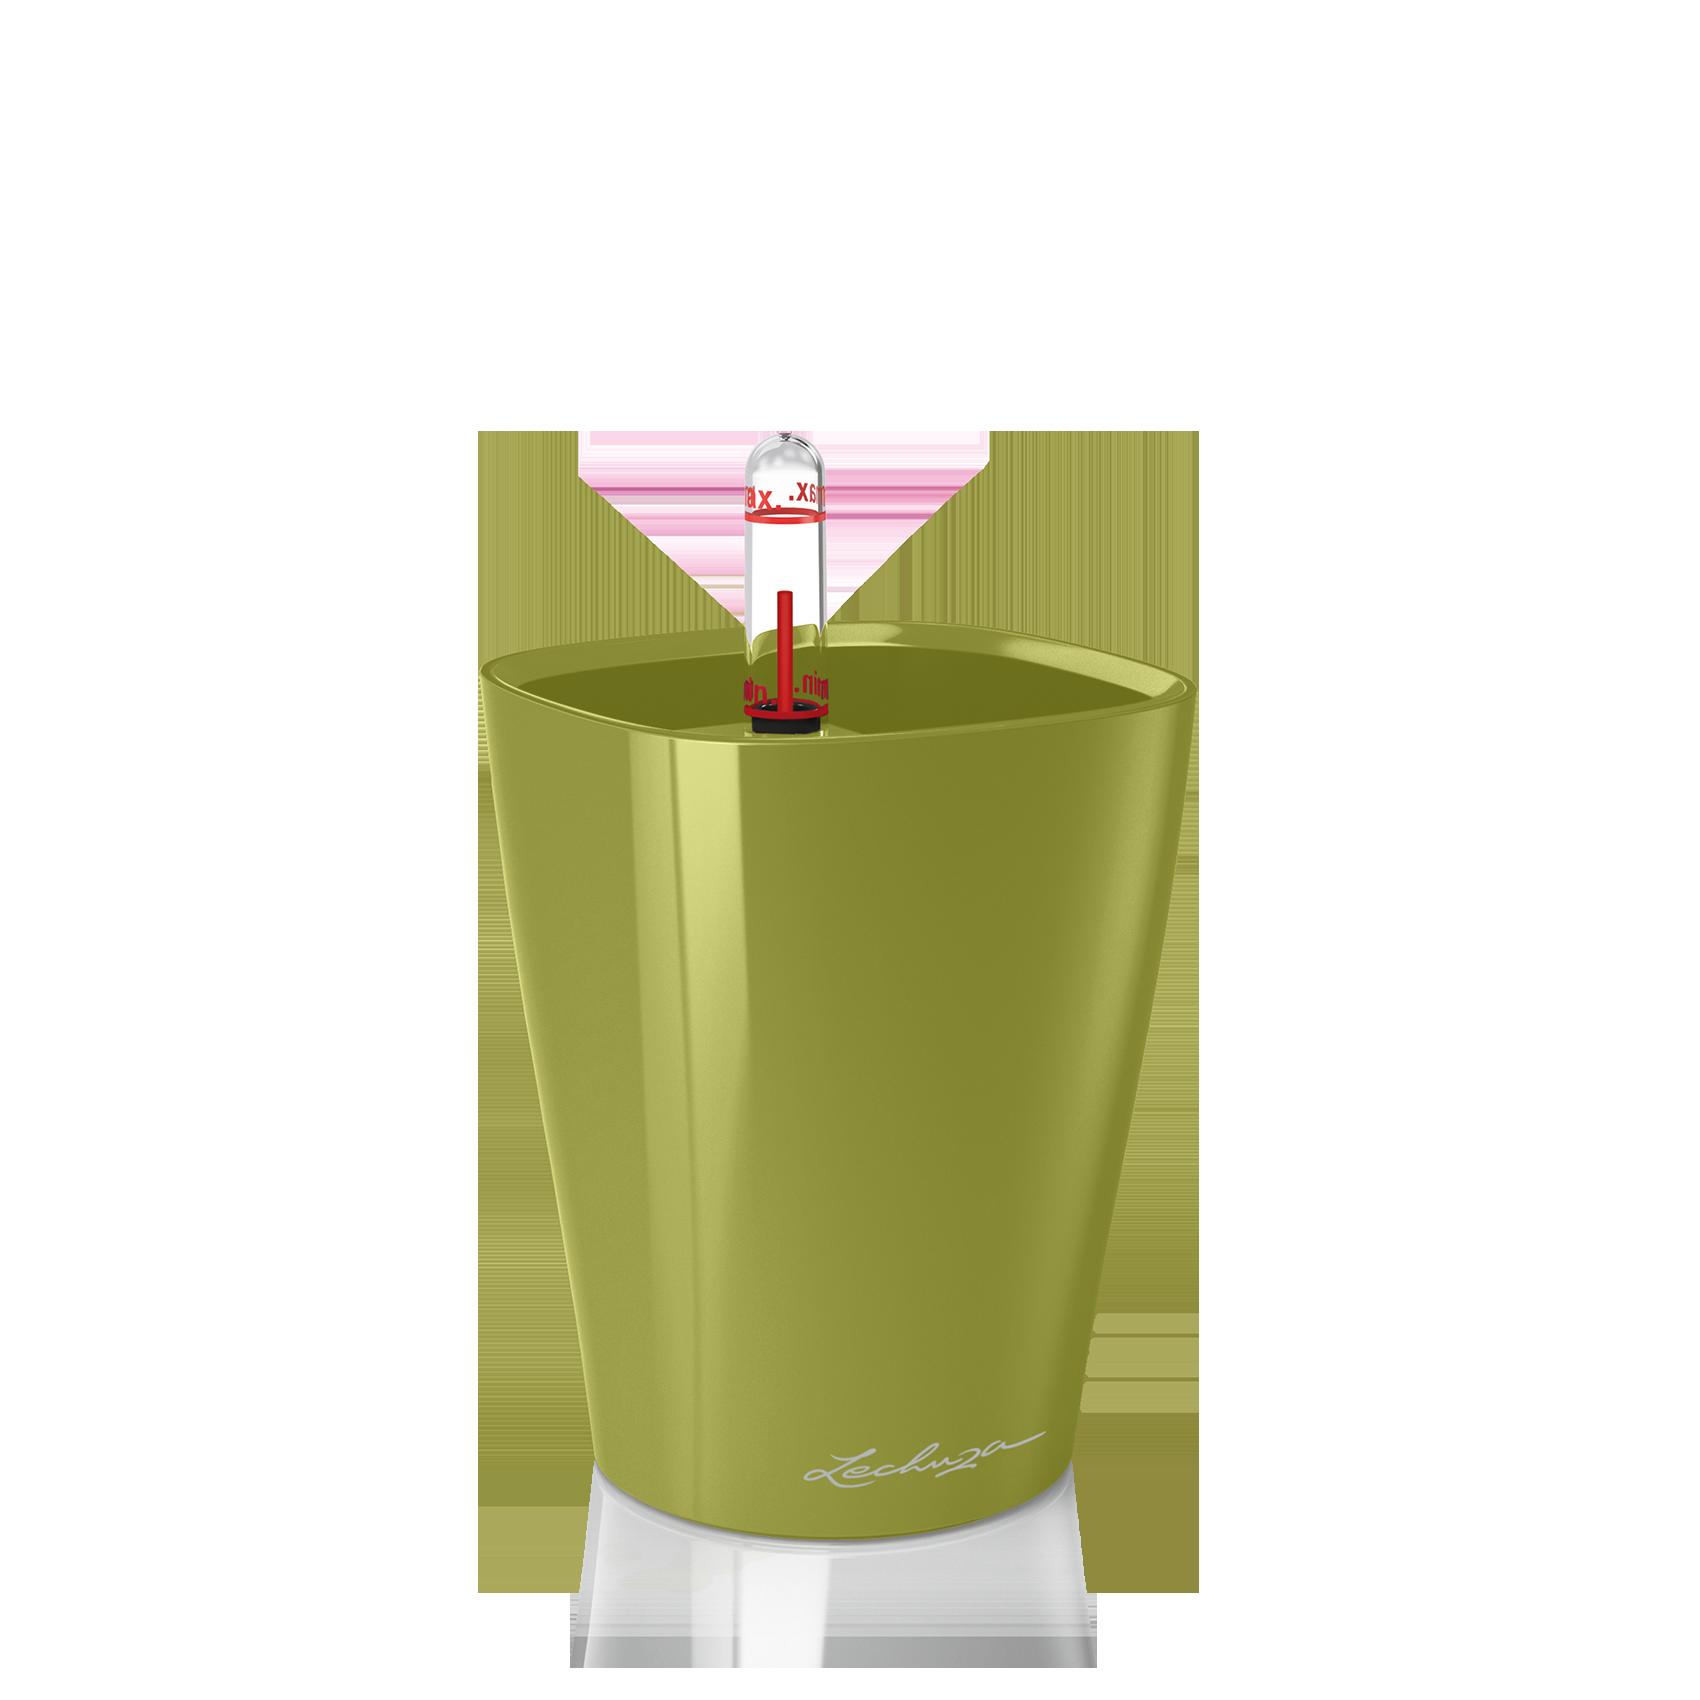 MINI-DELTINI kardamomgrün hochglanz